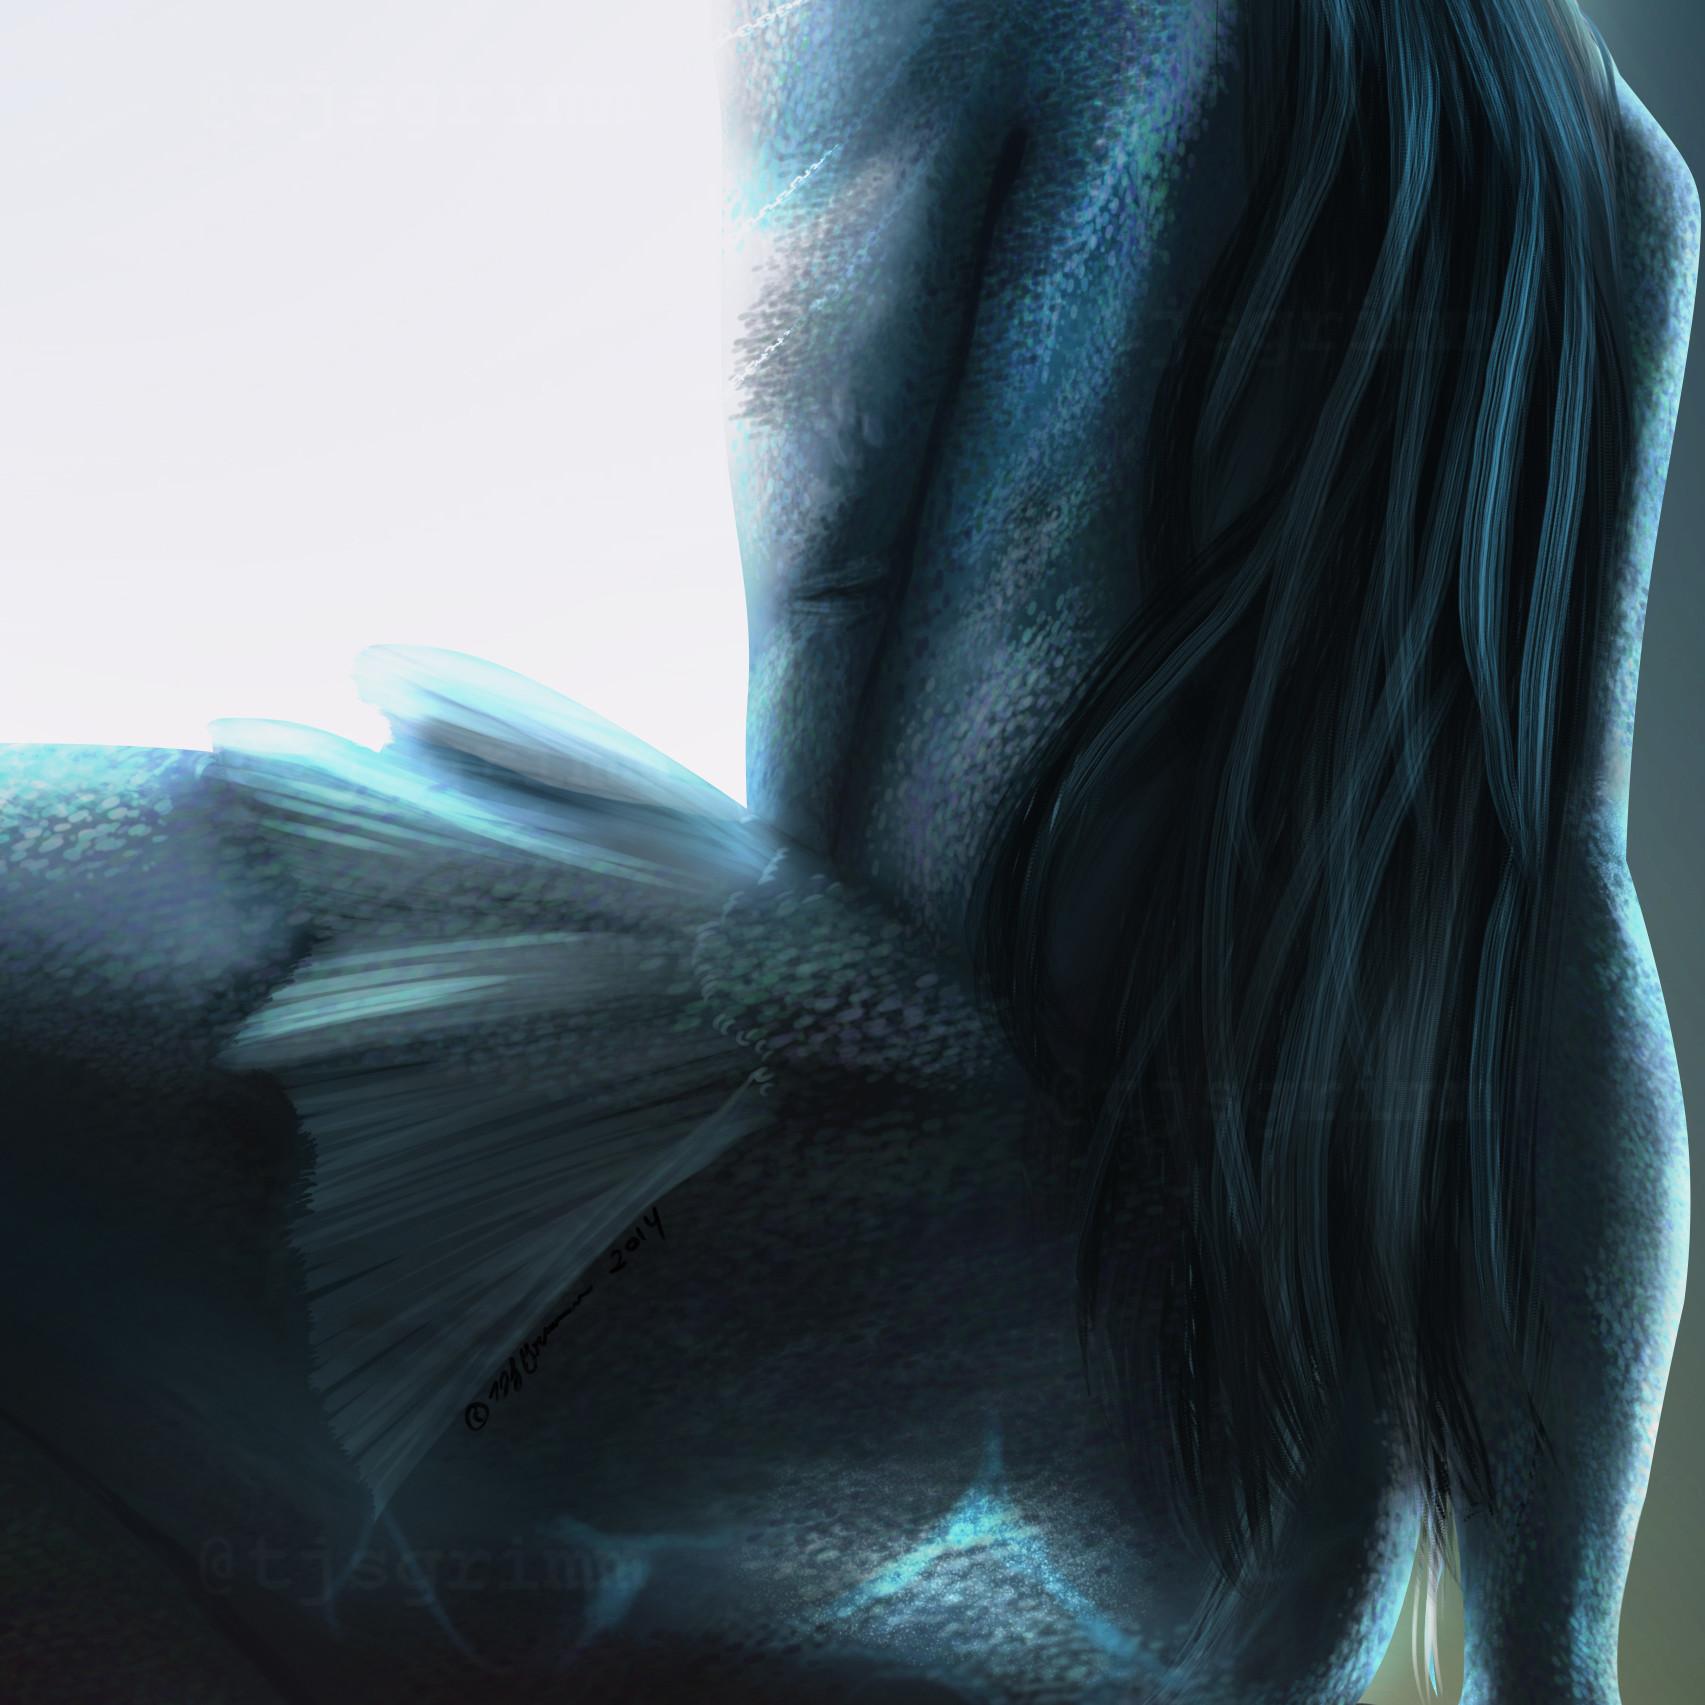 Teri grimm moonlit siren3